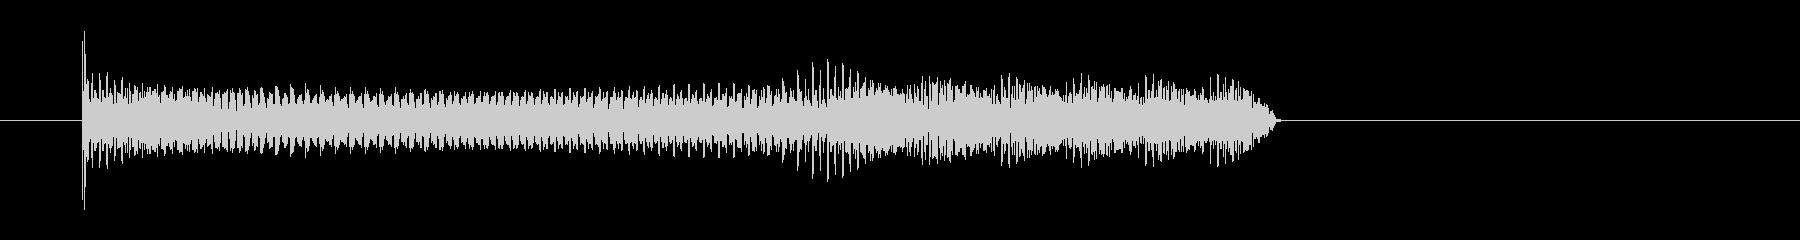 【ビーーーー】エネルギー充填音、充電音の未再生の波形